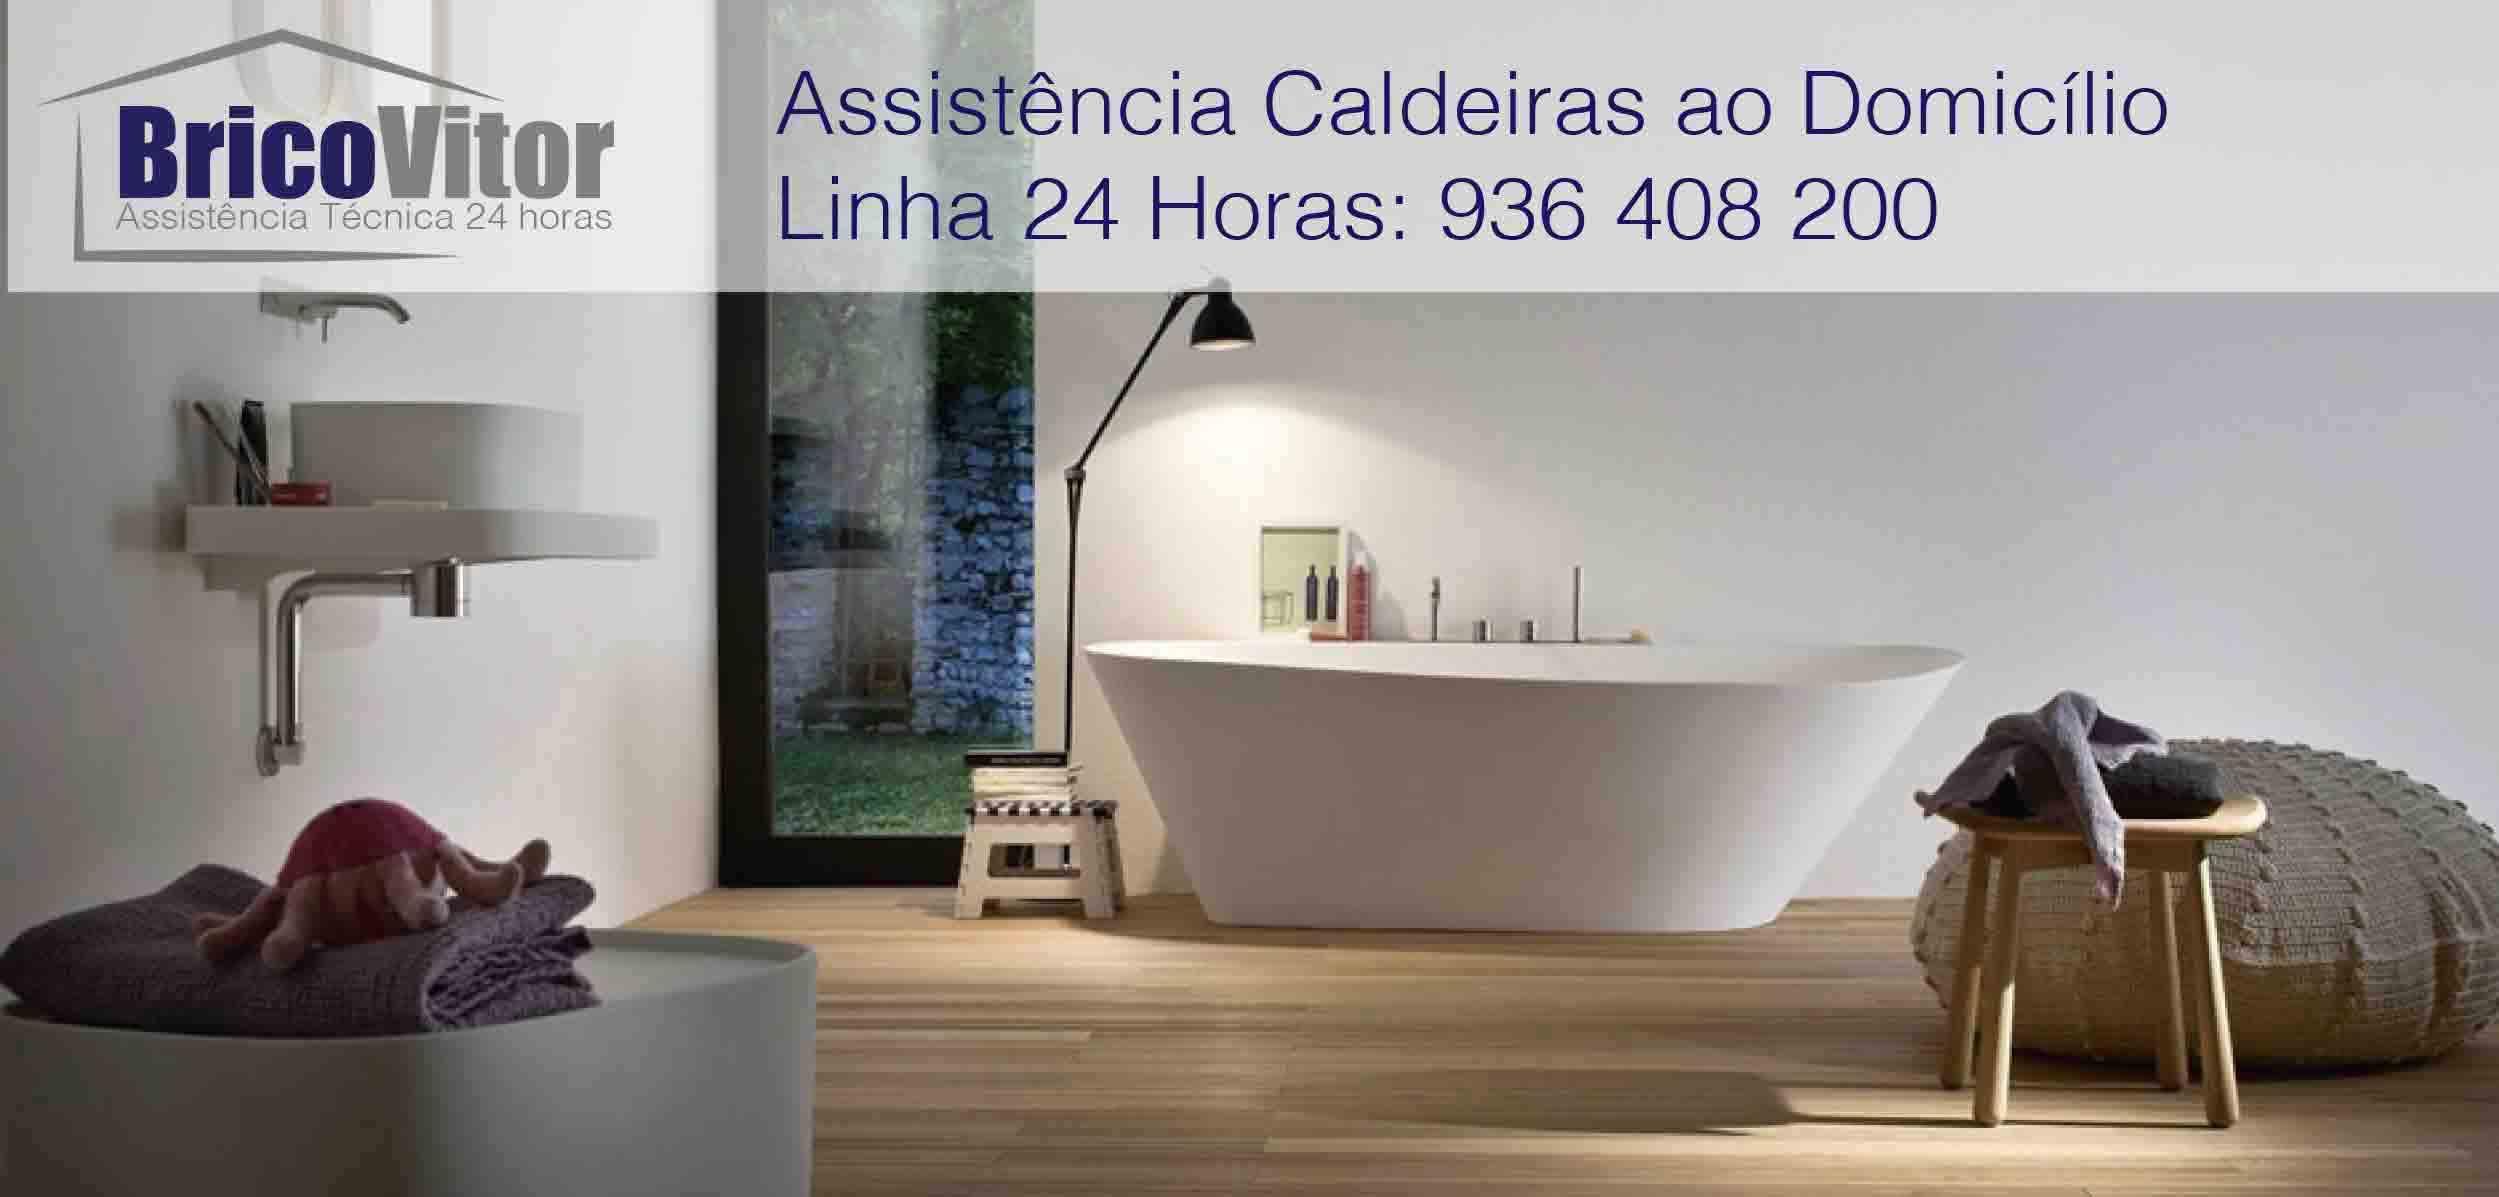 Assistência Caldeiras Goães (São Pedro), Vila Verde - Braga